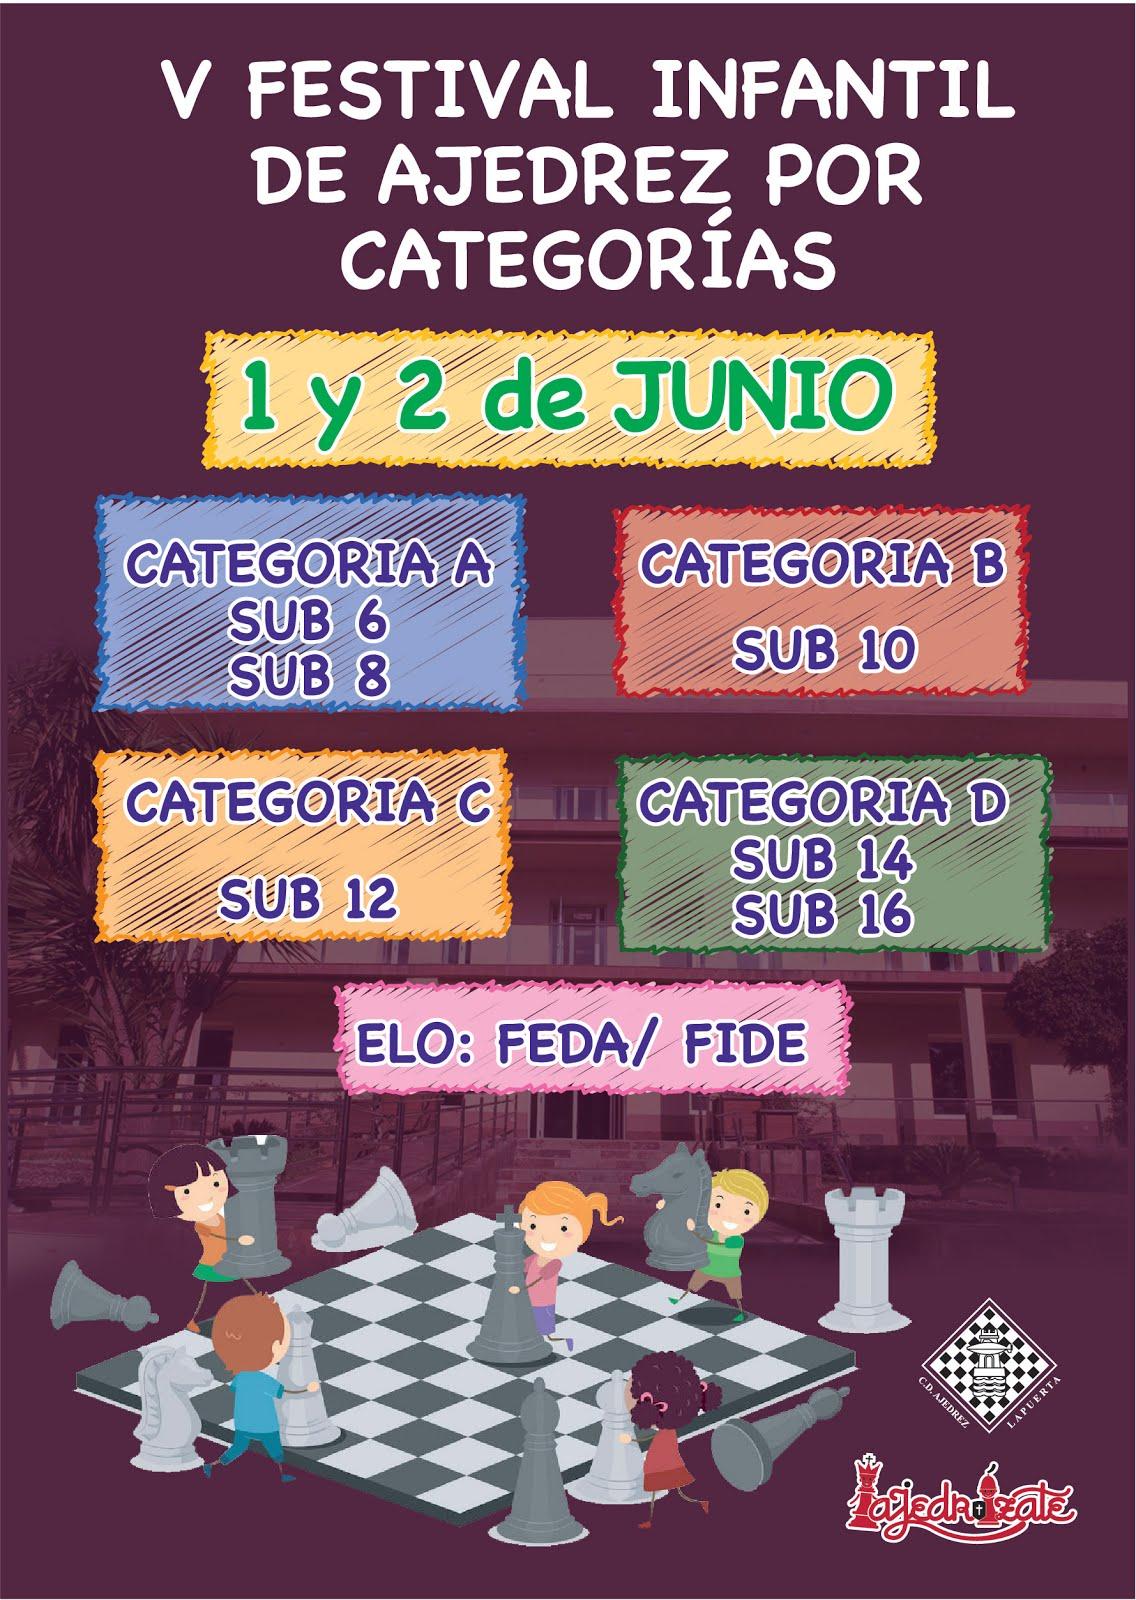 V Festival infantil de ajedrez por categorias CDA Lapuerta - Ajedrizate